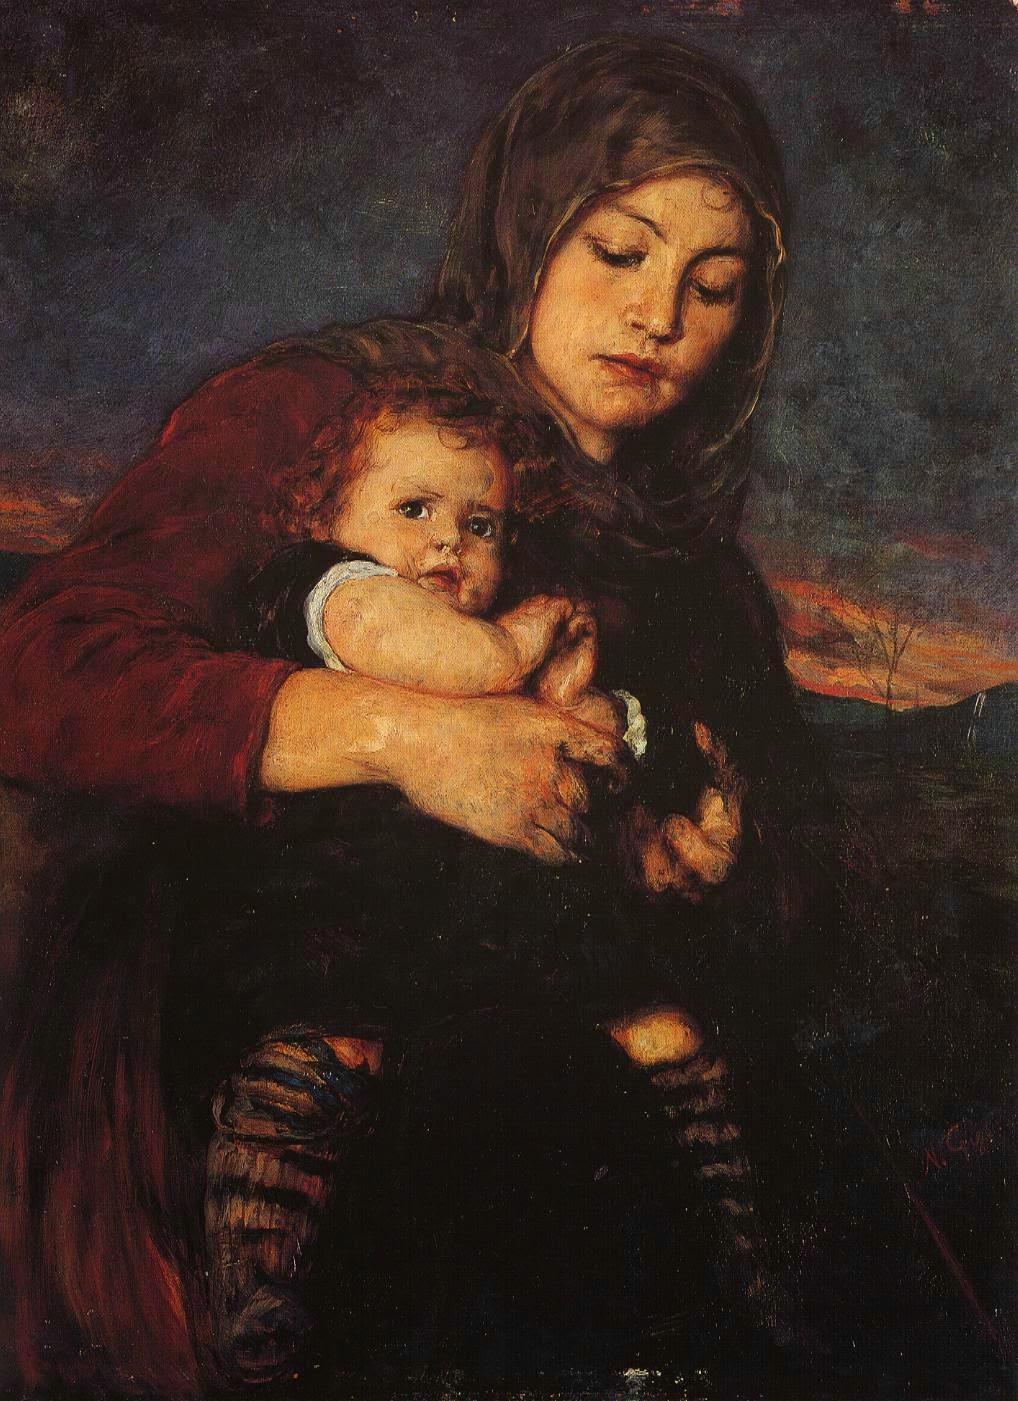 Η προσευχή της πόρνης και το παιδί της μάνας